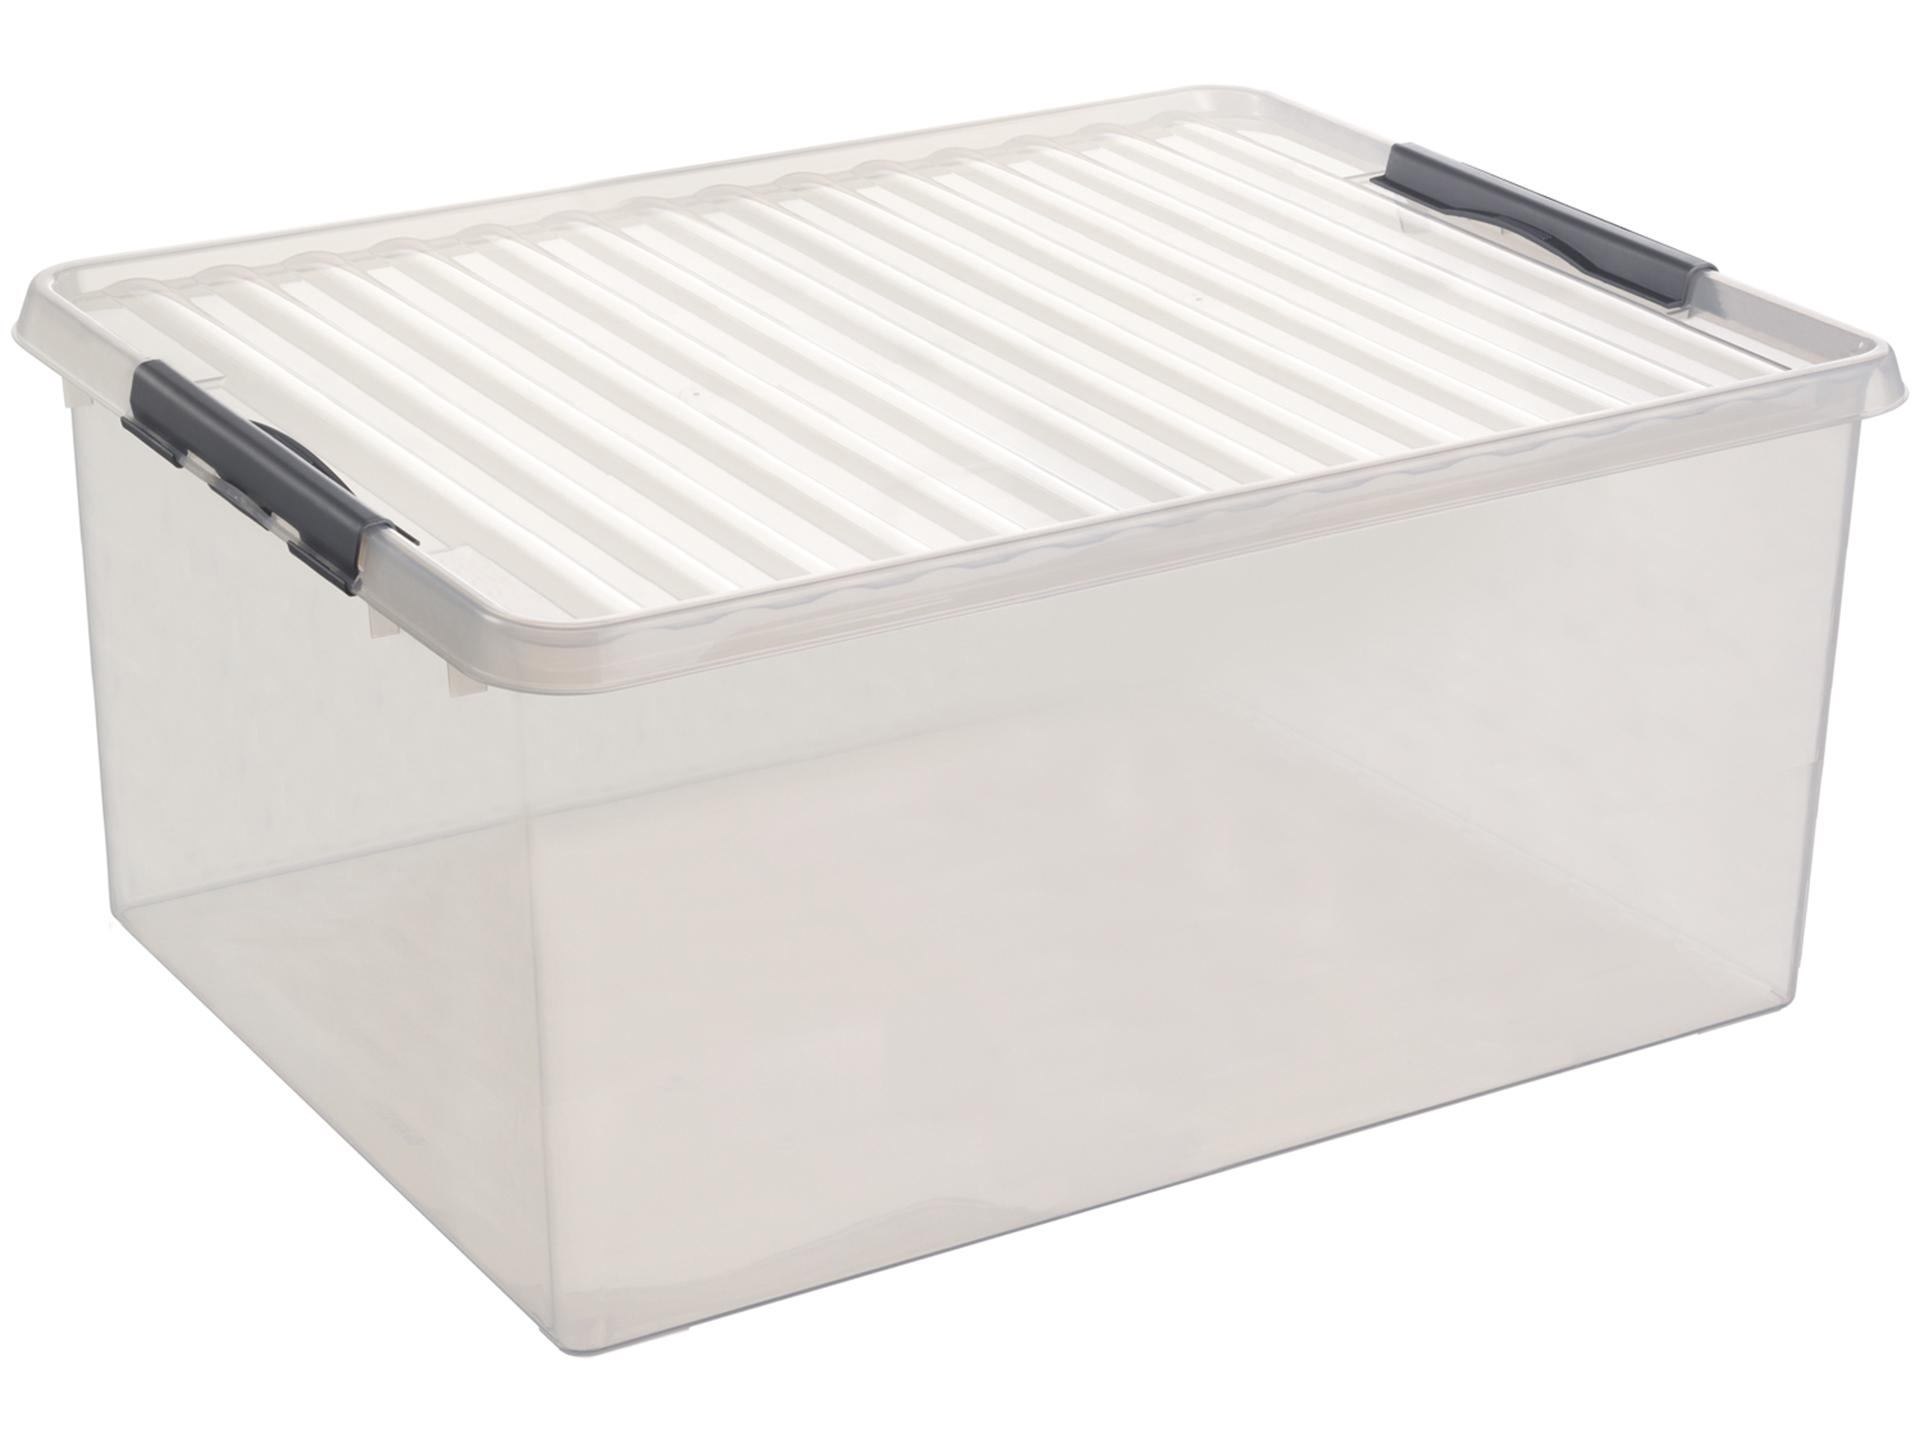 la meilleure attitude 2e882 79209 Sunware Q-line boîte de rangement 120l transparent